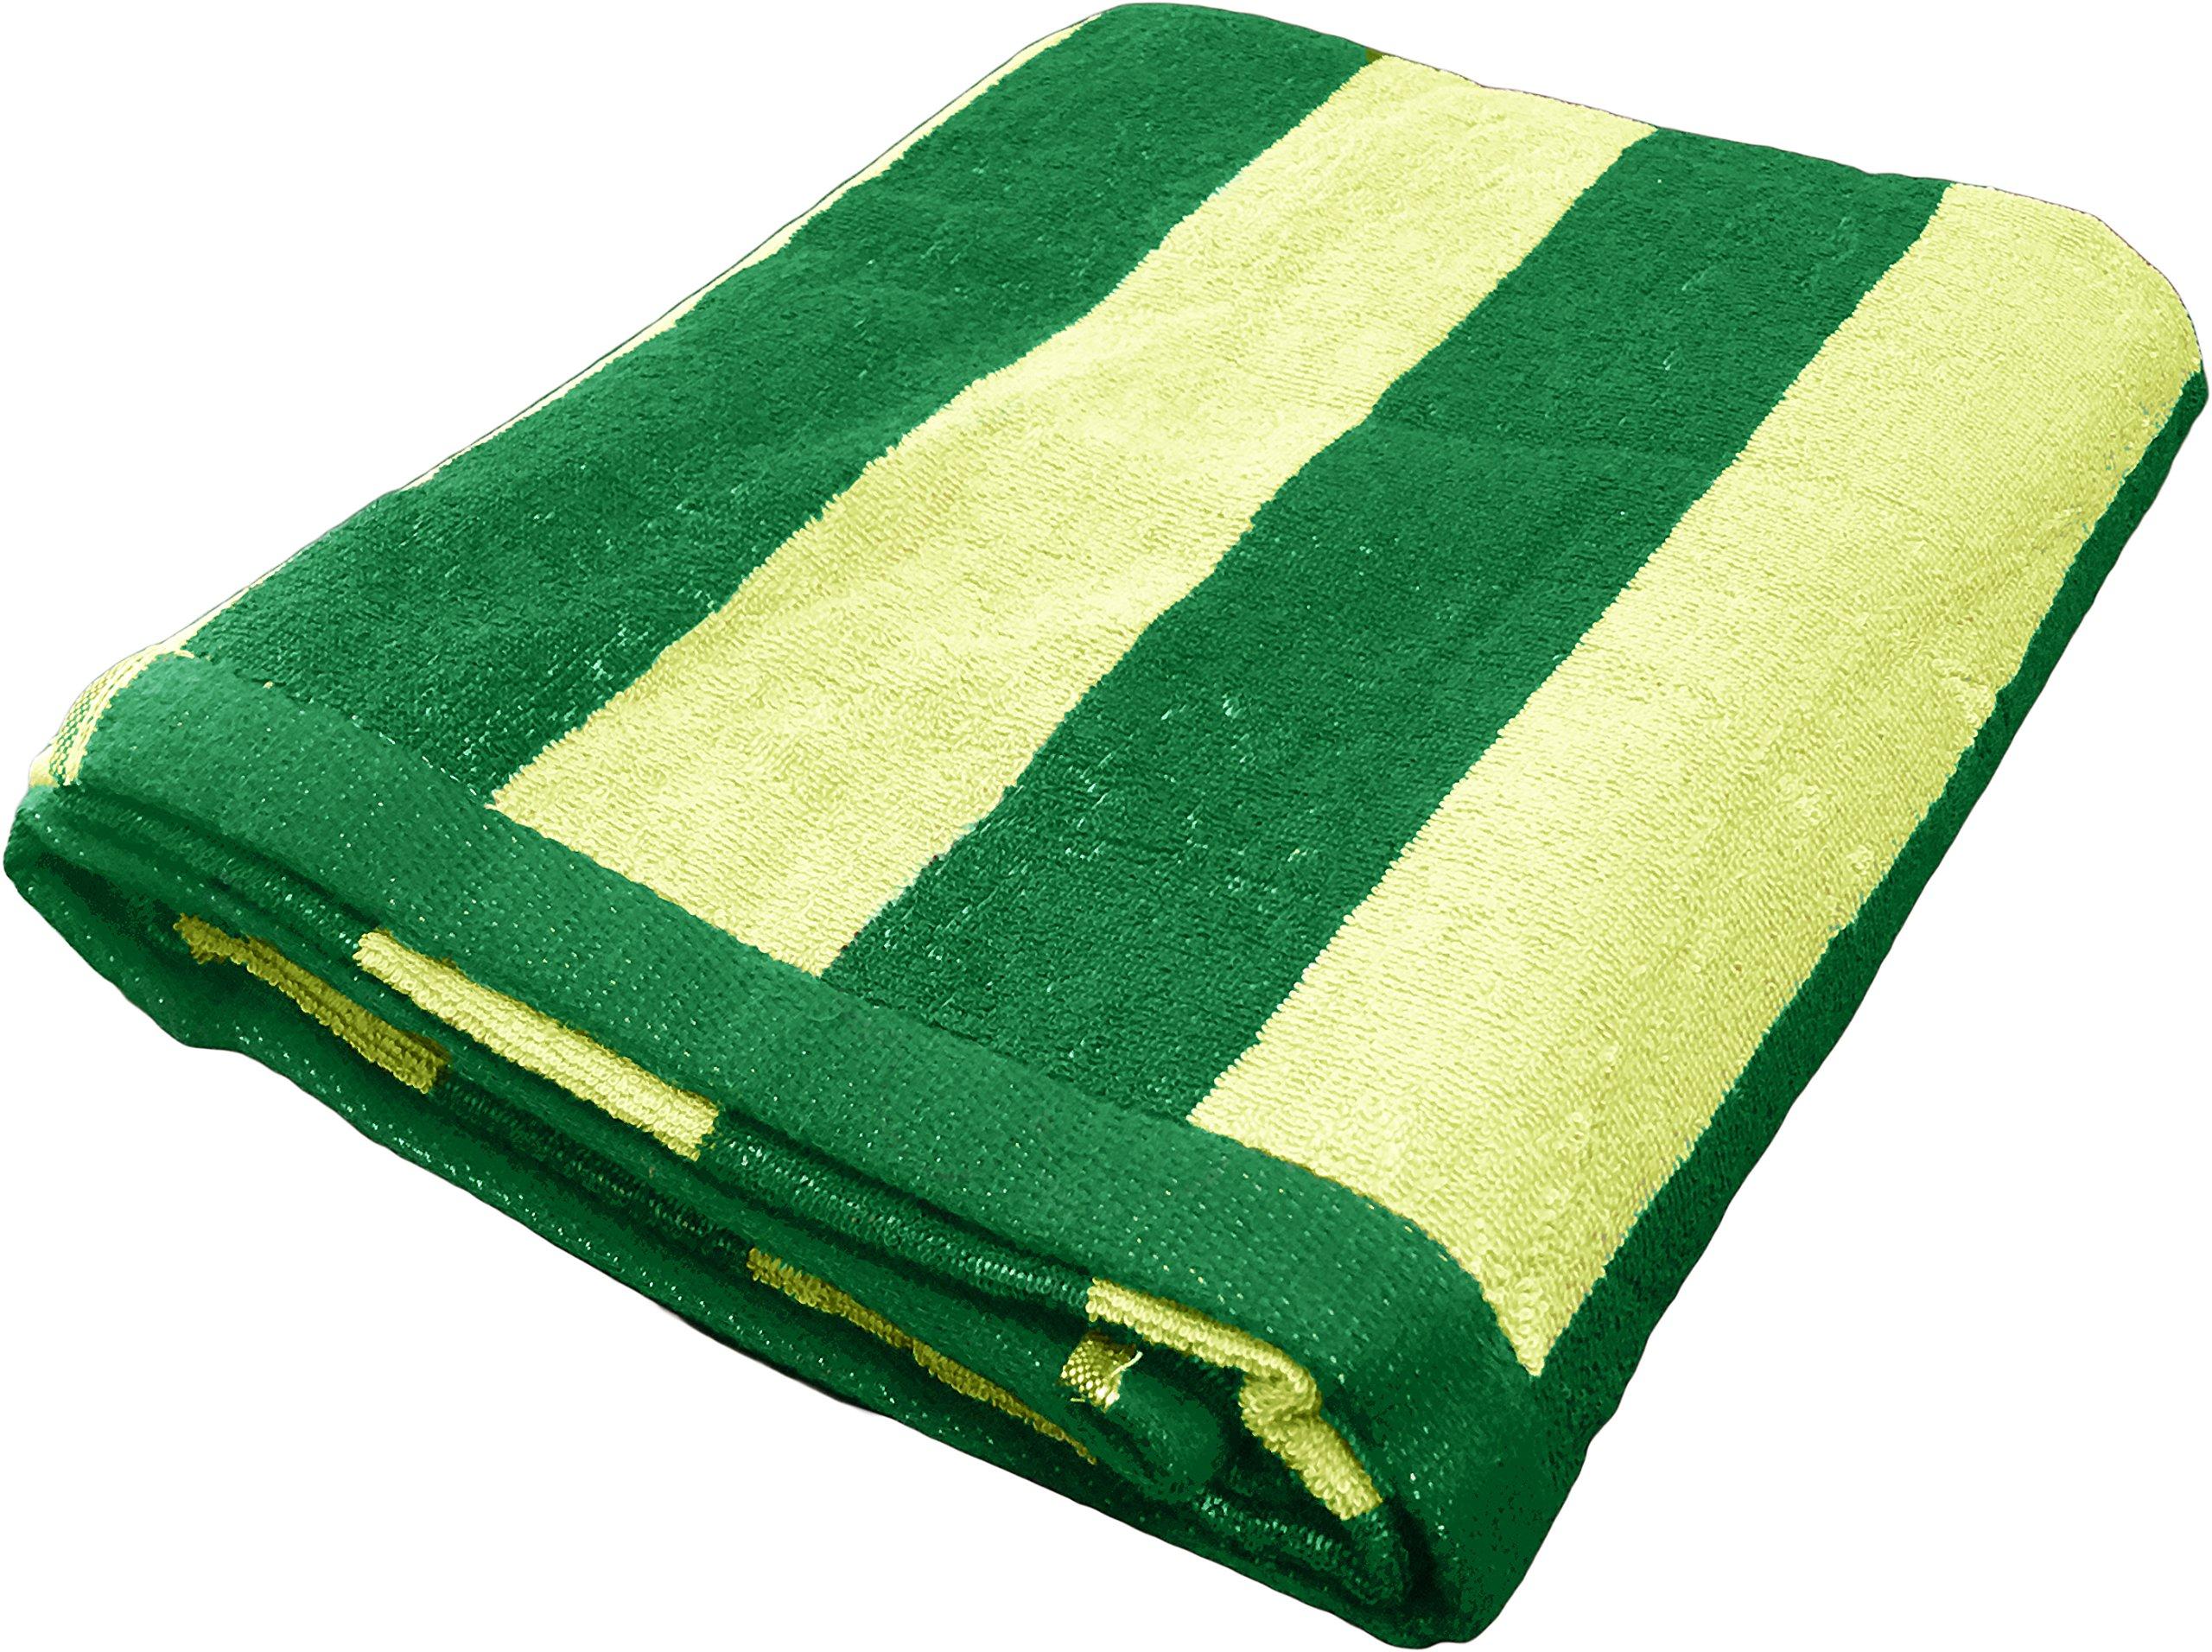 1 jumbo white blue stripe hotel cabana beach towels pool towel 30x60 ga towels